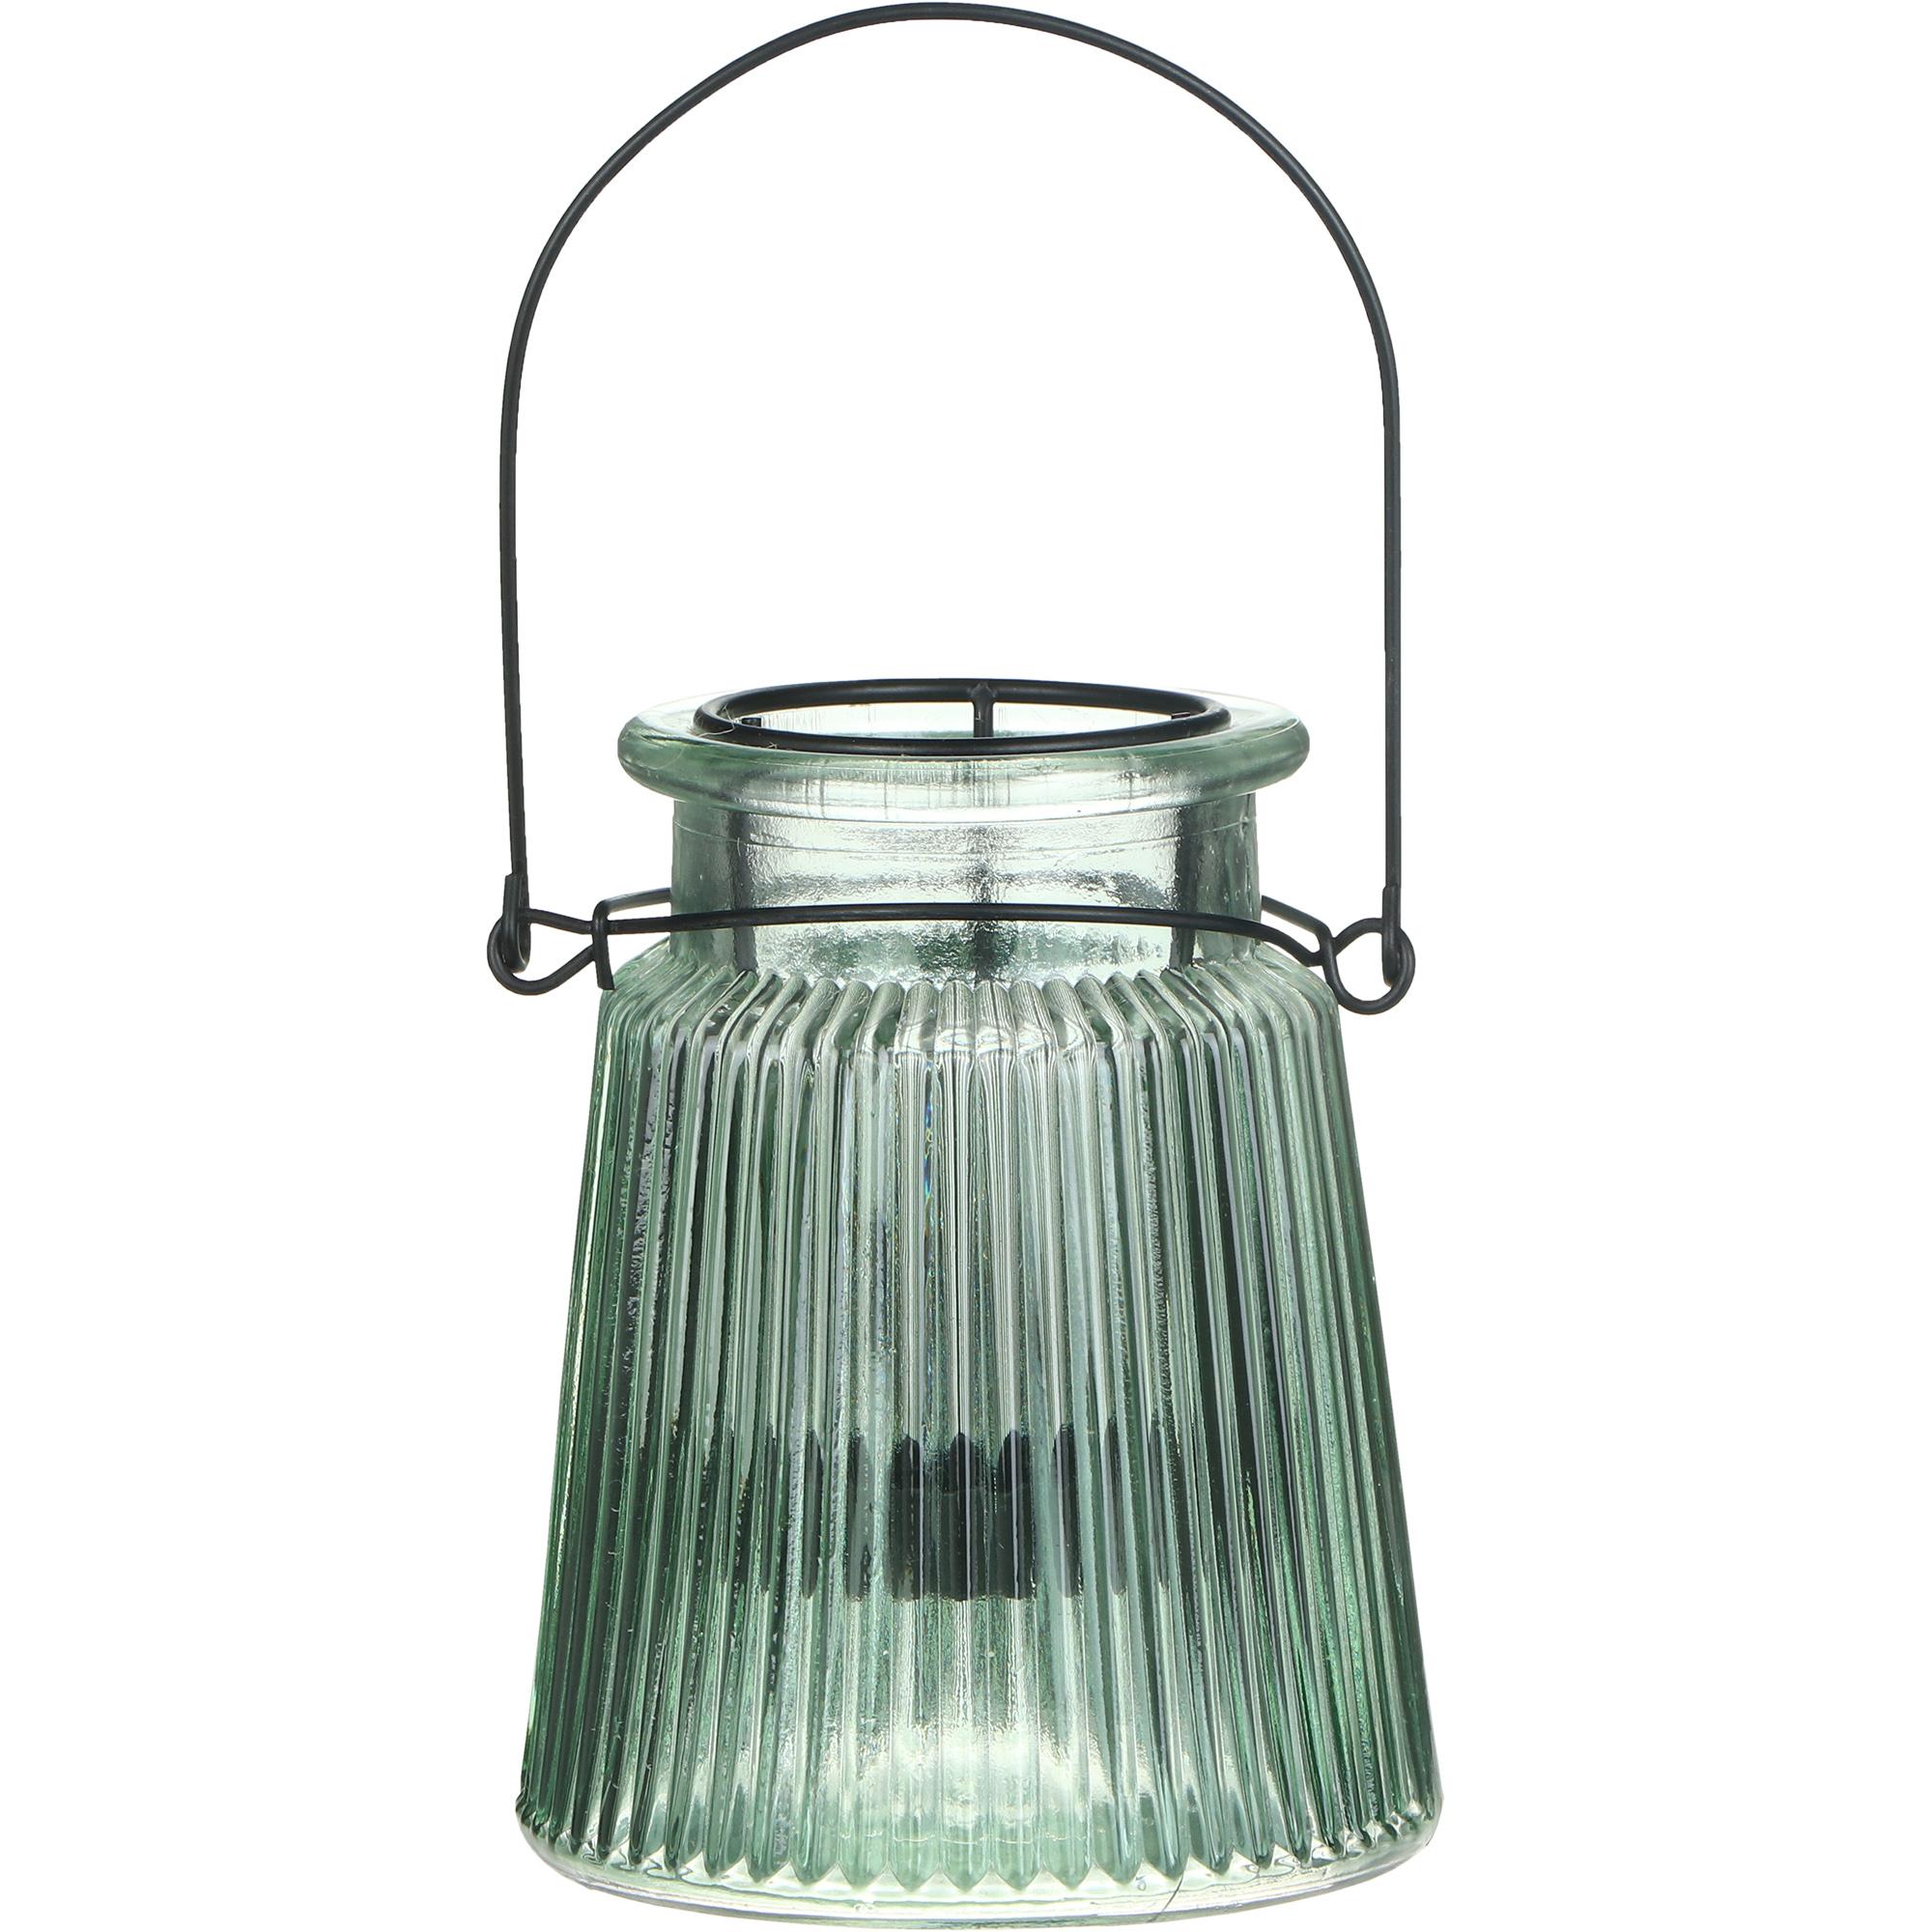 Фото - Подсвечник-фонарь Boltze Laurenia зелёный 12 см подсвечник boltze biba серебряный 11 см